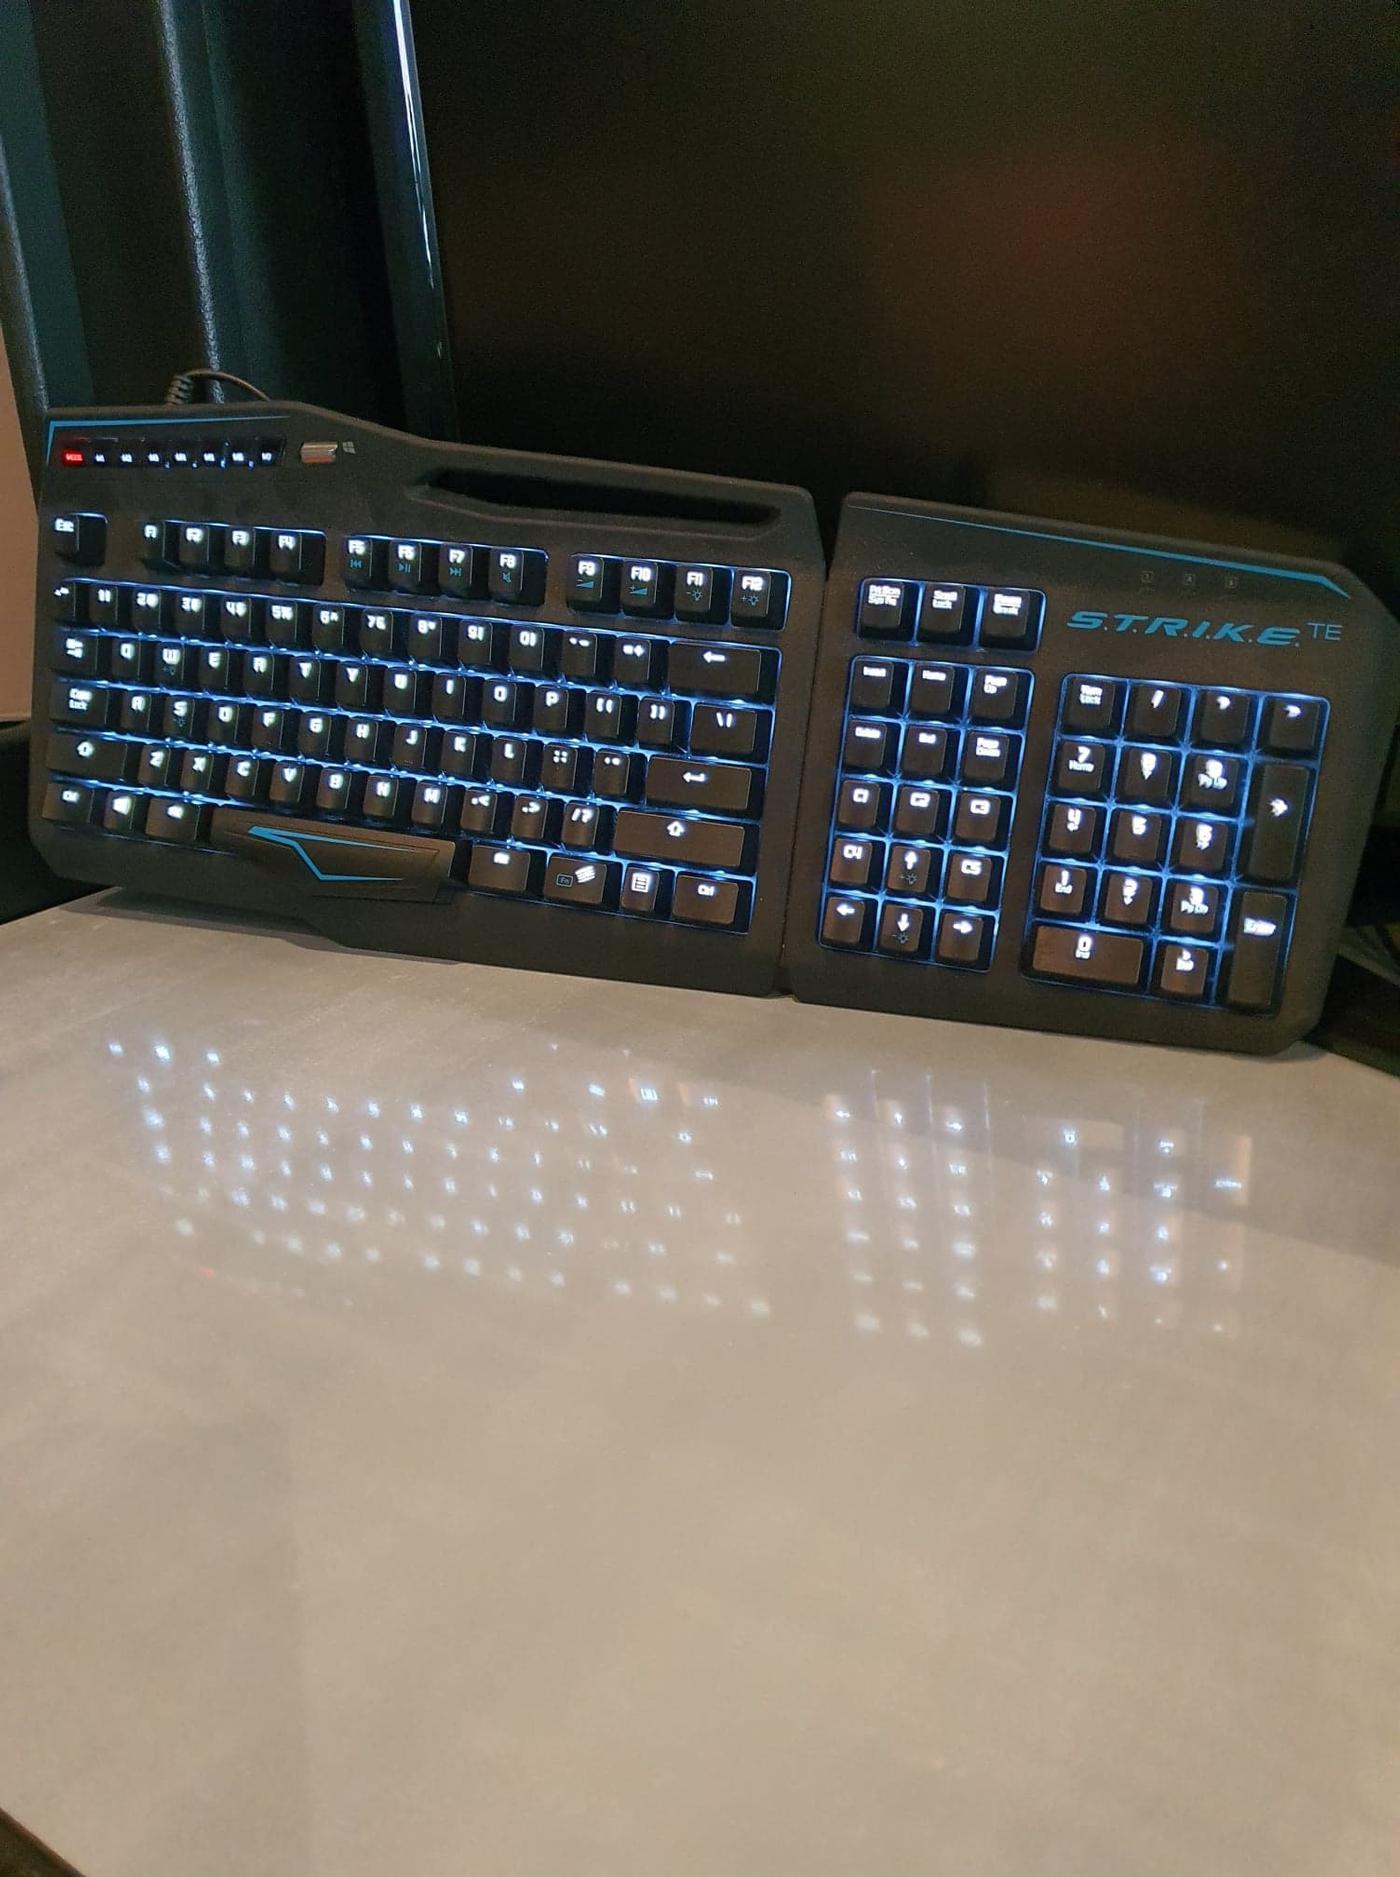 Refurbished Madcatz S.T.R.I.K.E TE Mechanical Keyboard